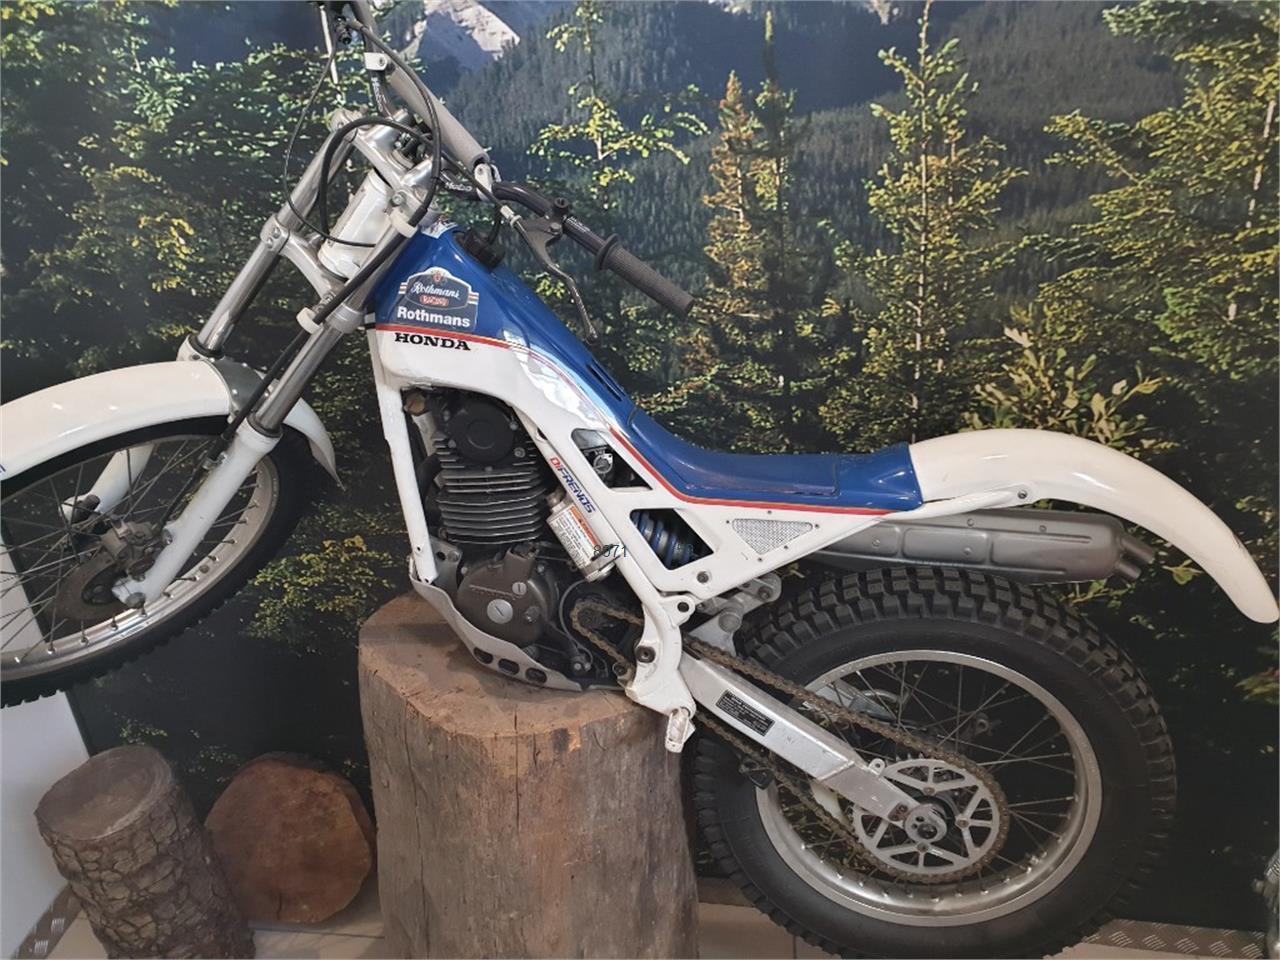 HONDA RTL 250